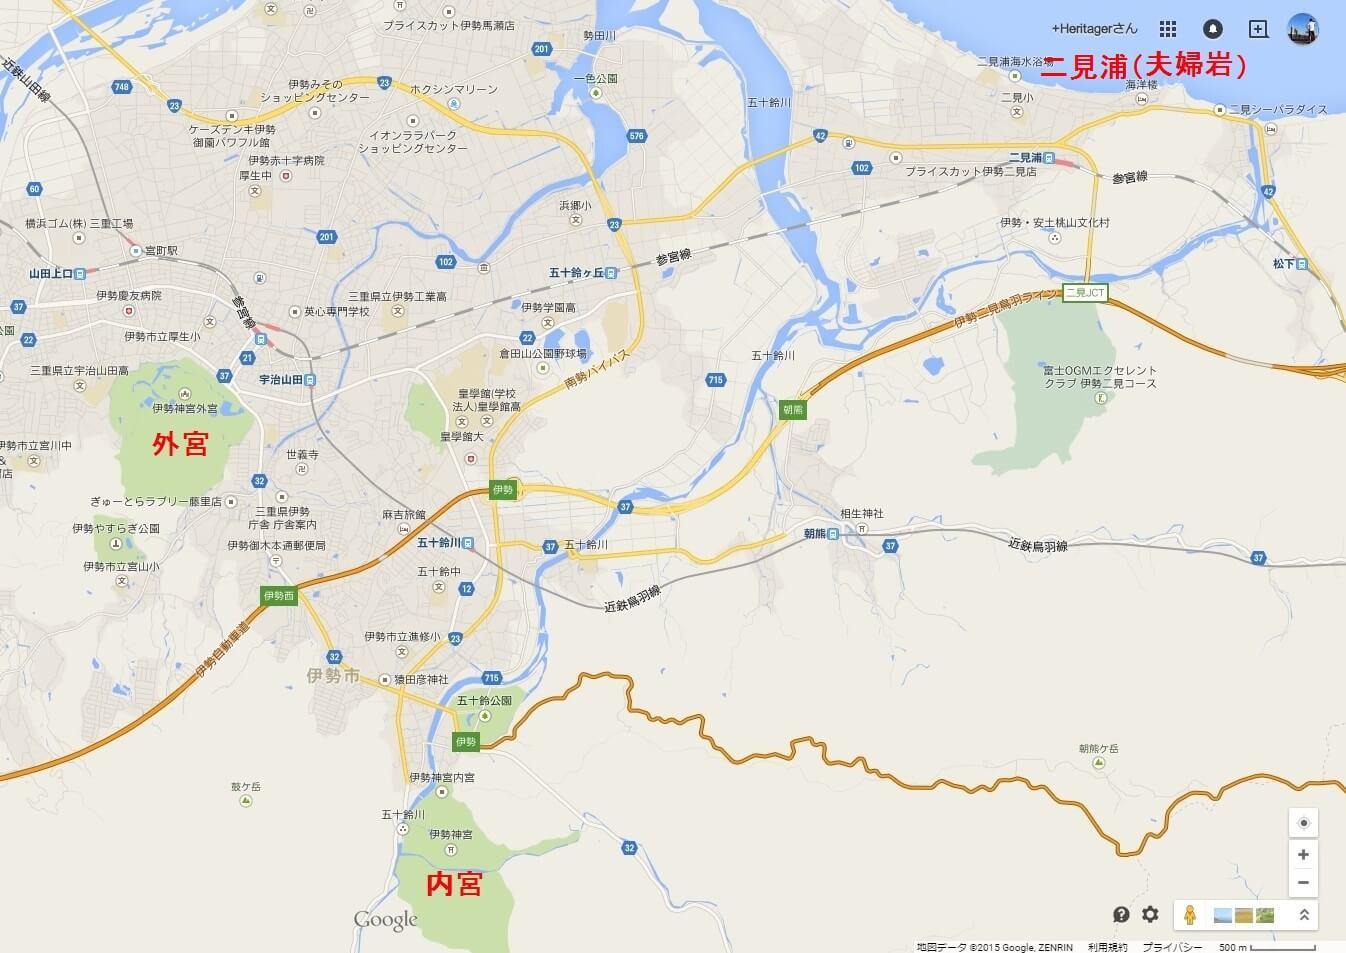 isejingu_map 伊勢神宮地図